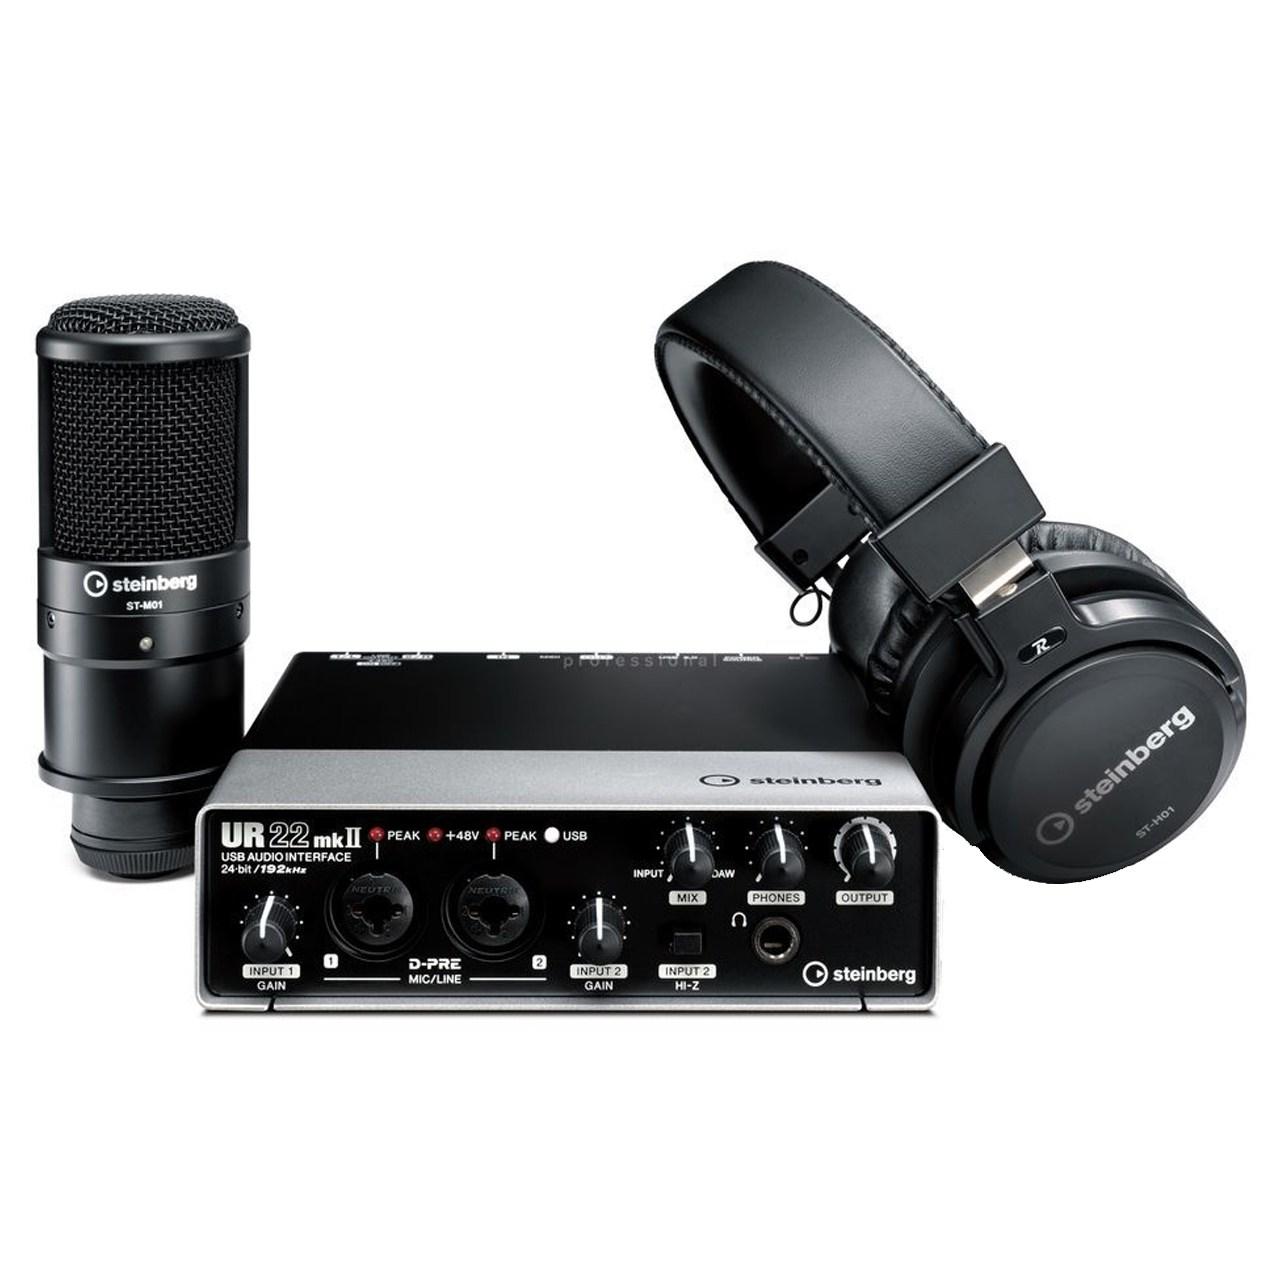 مجموعه تجهیزات ضبط صدای اشتاینبرگ مدل UR22 MKII